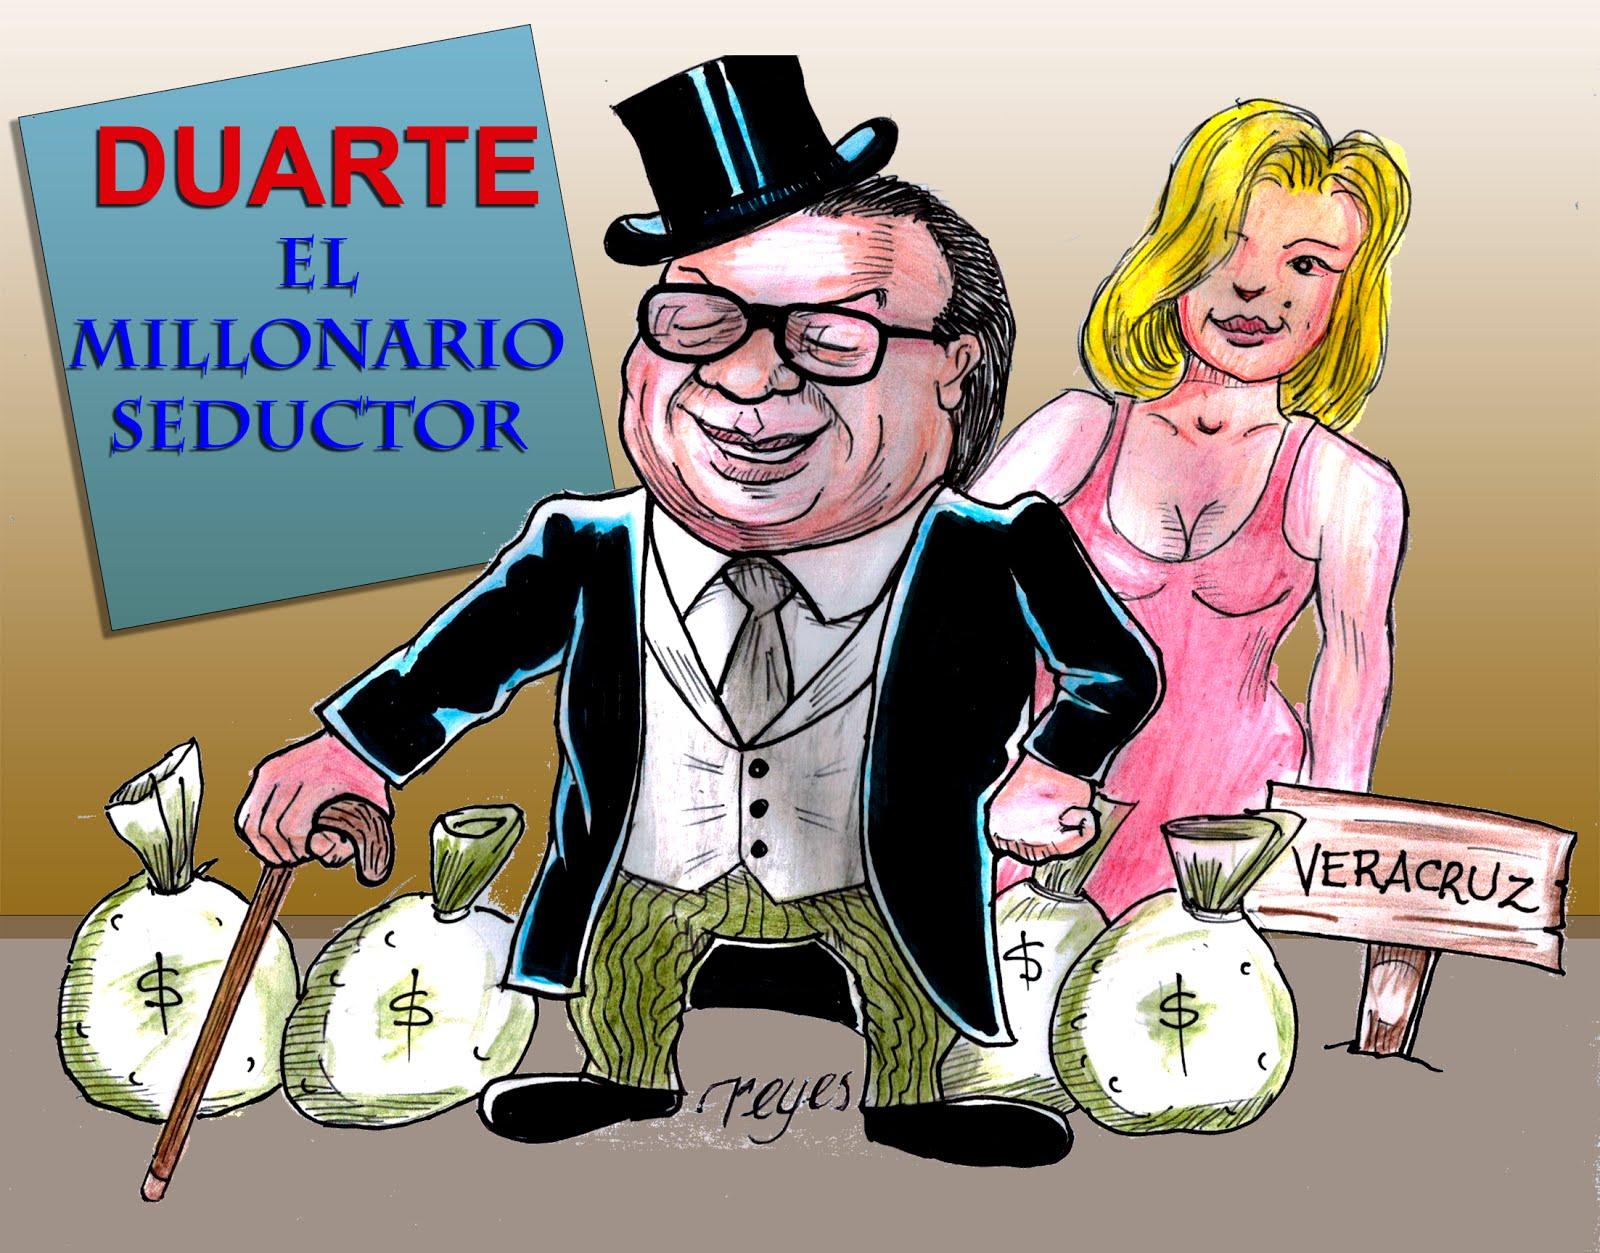 Duarte, el millonario seductor